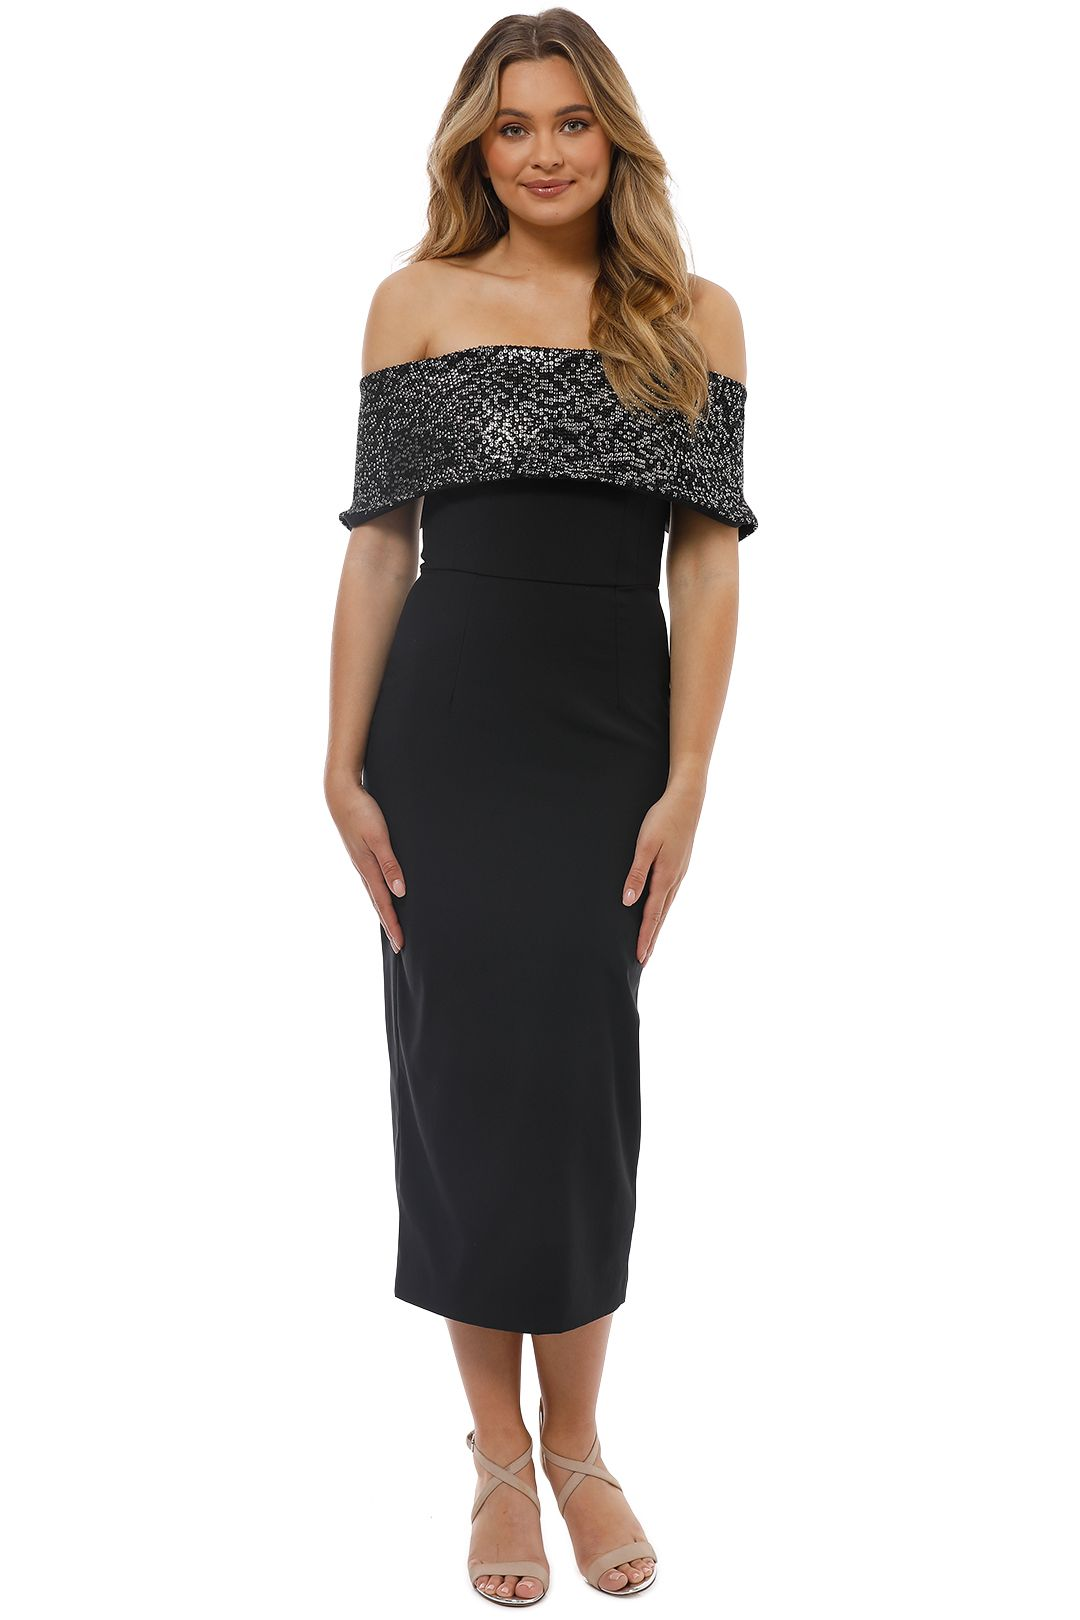 Unspoken - Camille Off Shoulder Dress - Black - Front